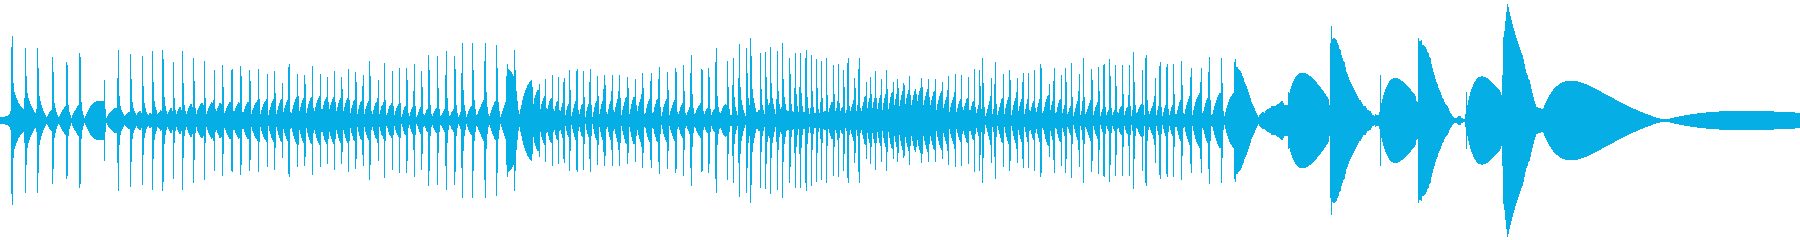 レコード針が横にすれた時の音の再生済みの波形